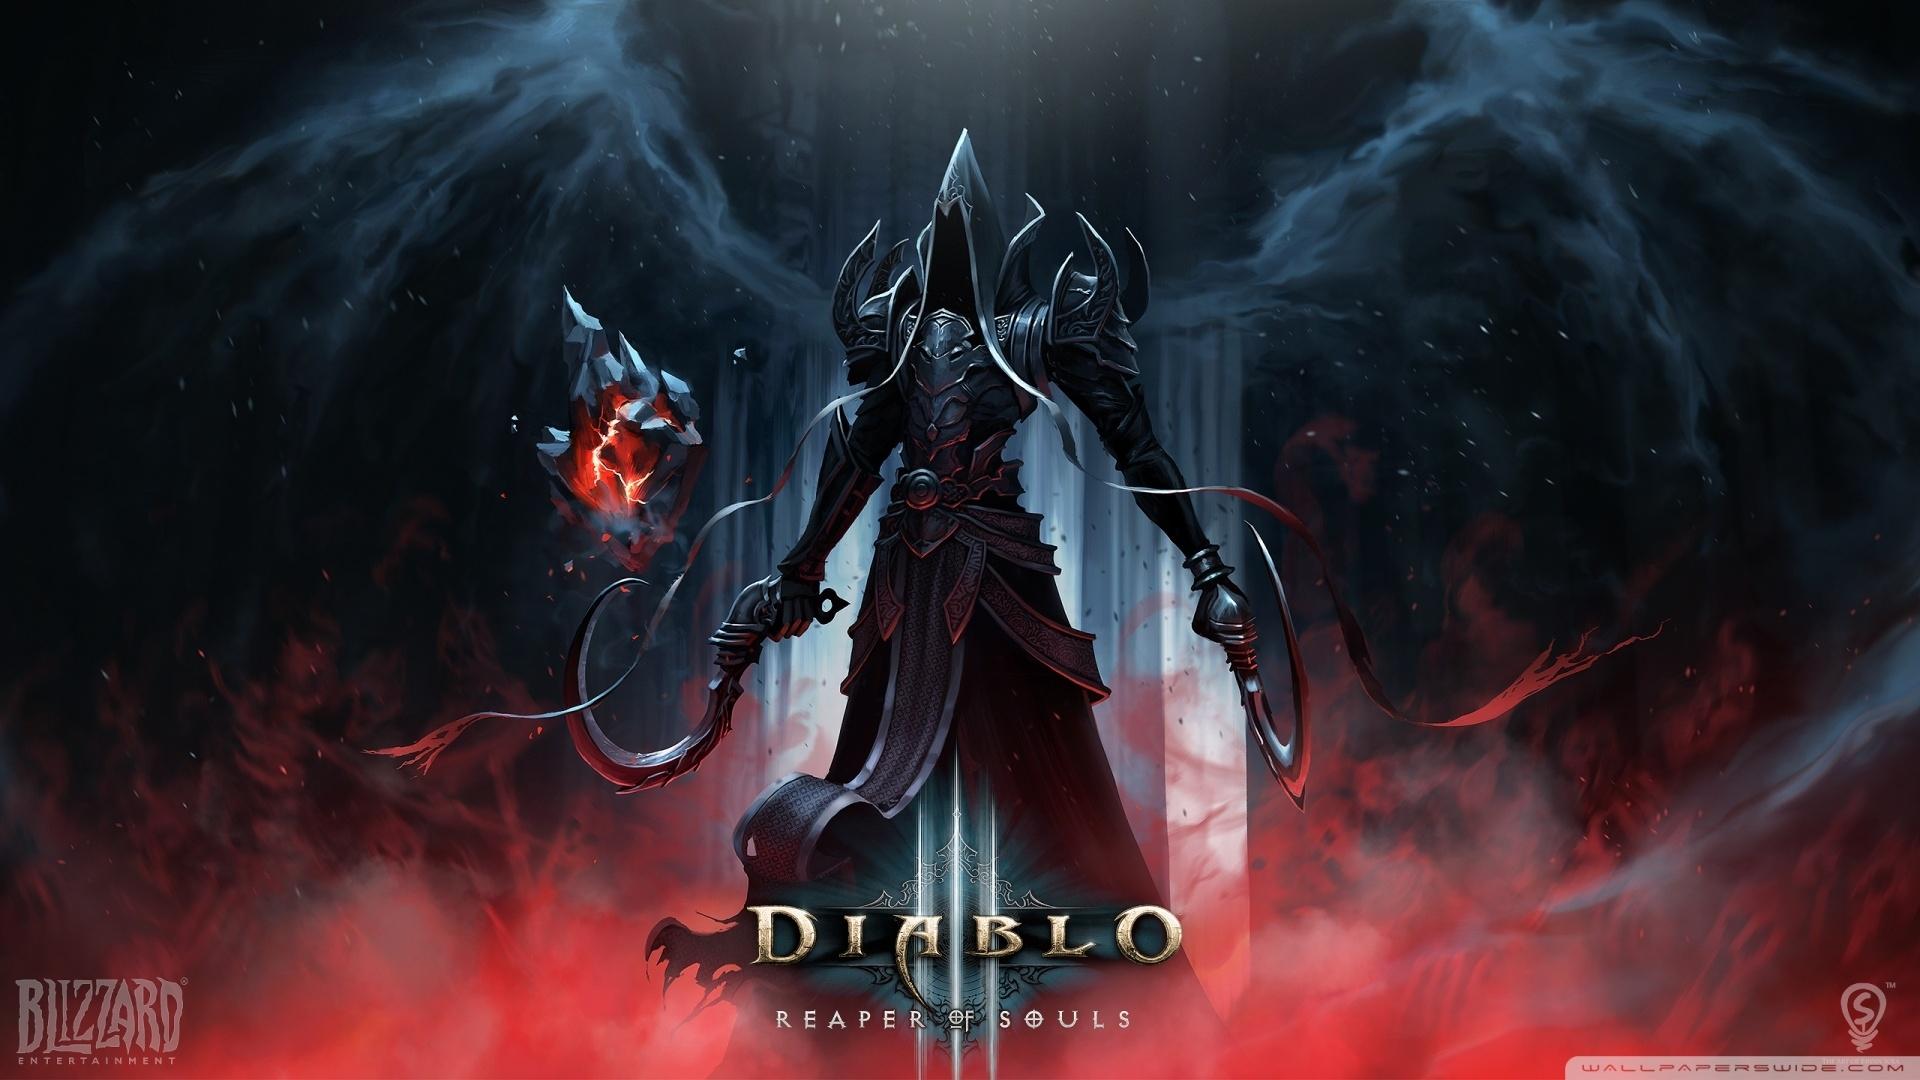 diablo 3 reaper of souls ❤ 4k hd desktop wallpaper for 4k ultra hd